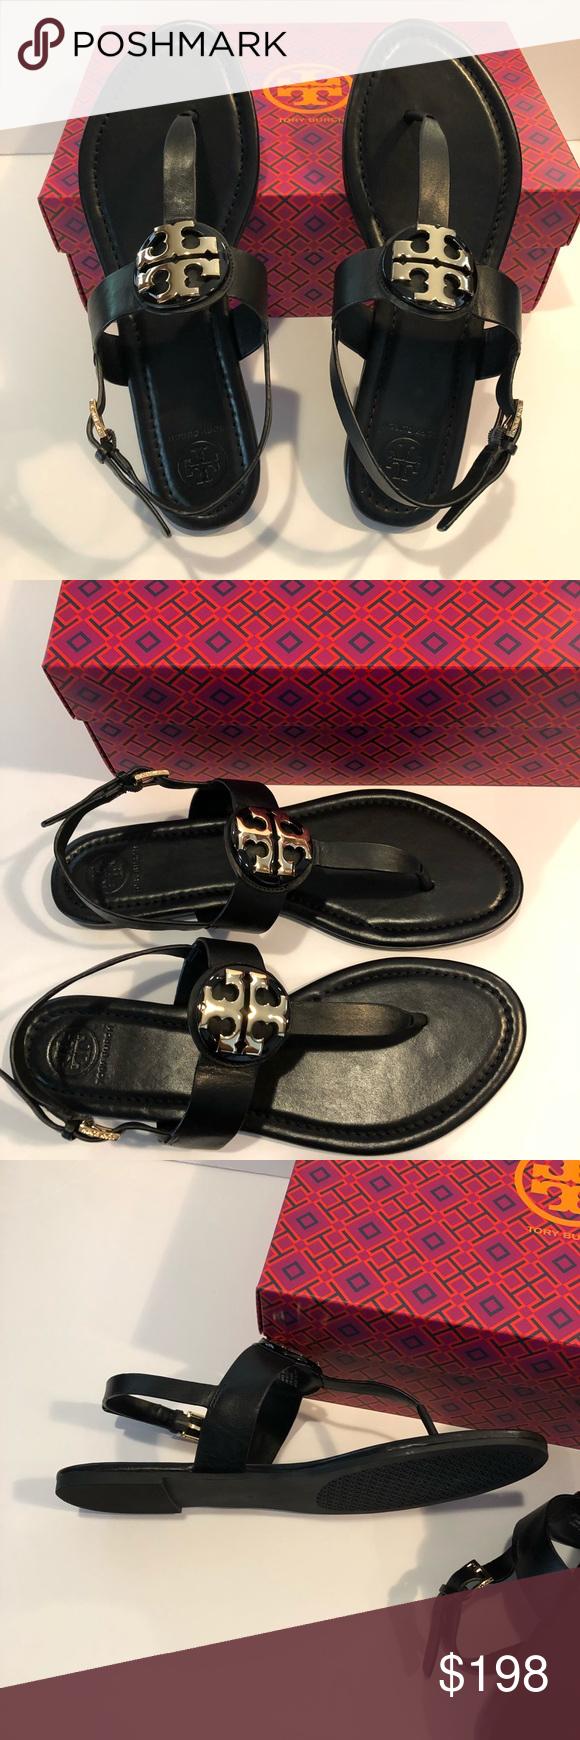 d2353e4965b NIB Tory Burch Bryce Flat thong Sandal Black 9 NIB Tory Burch Bryce Flat  thong Sandal Size 9 Black Shoe Women gold tone hardware Tory Burch Shoes  Sandals